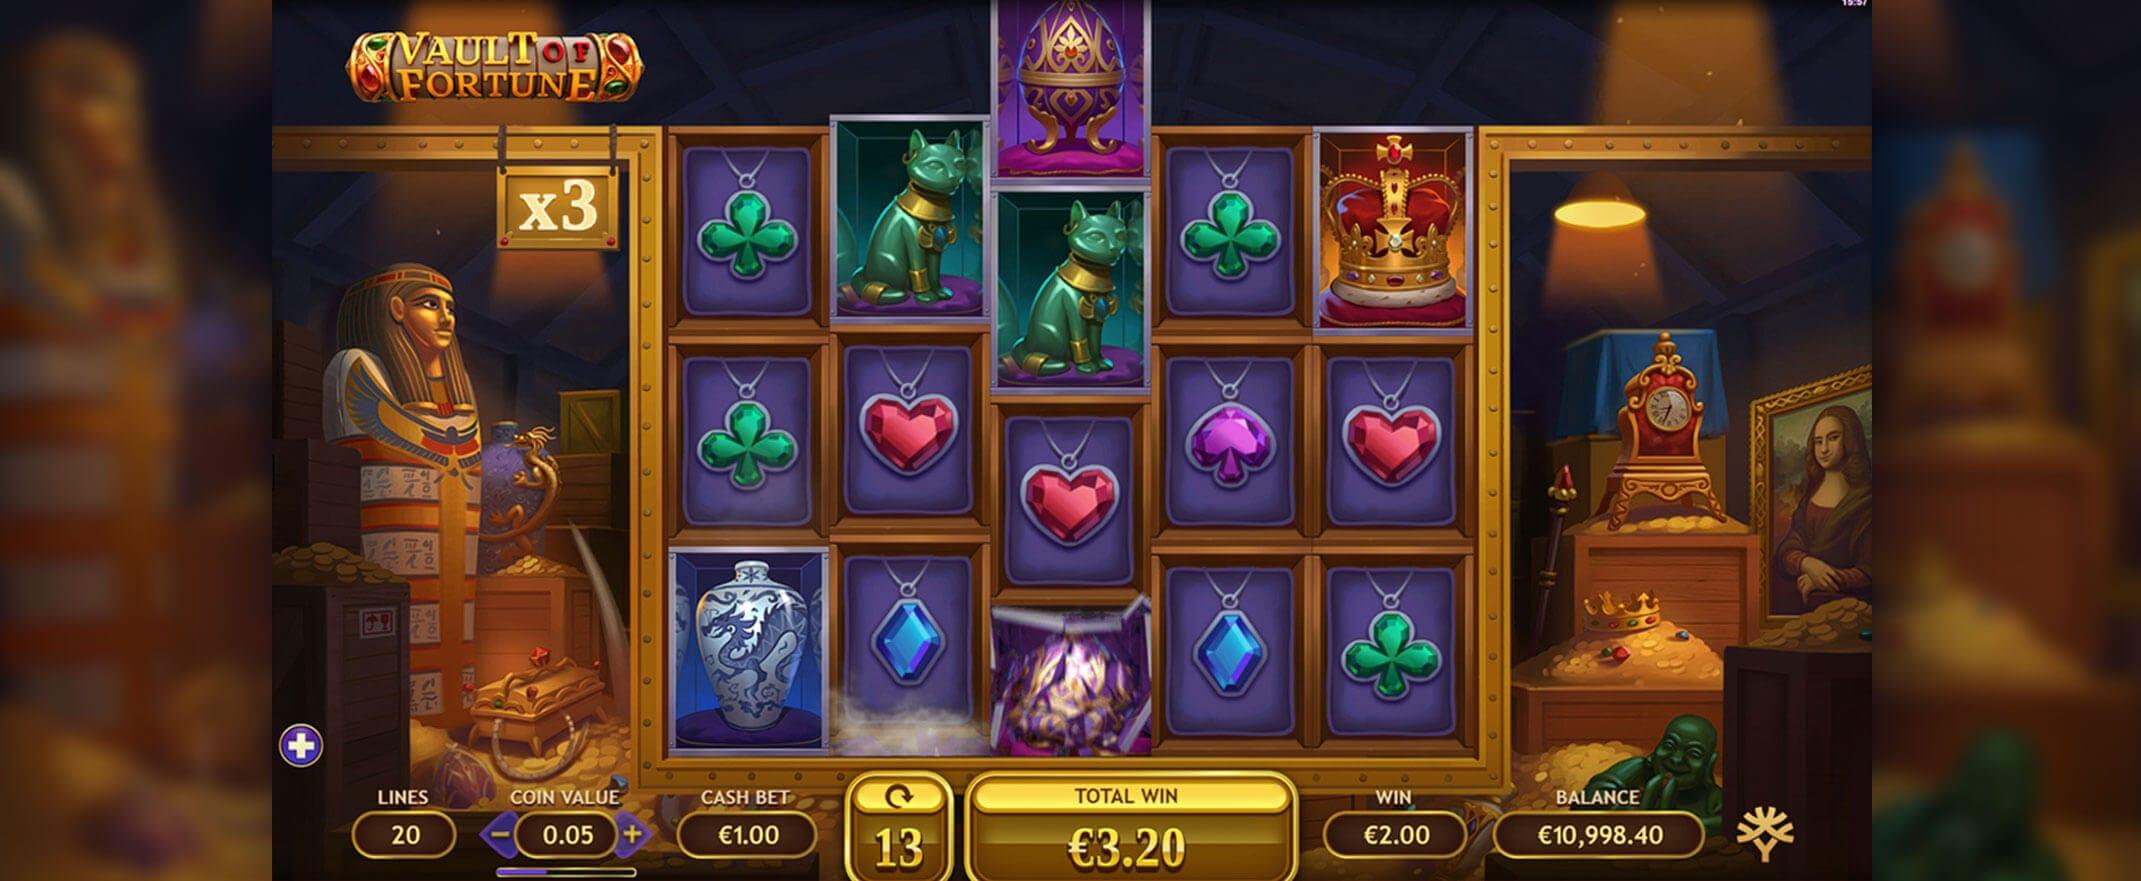 Vault of Fortune Slot Bonus